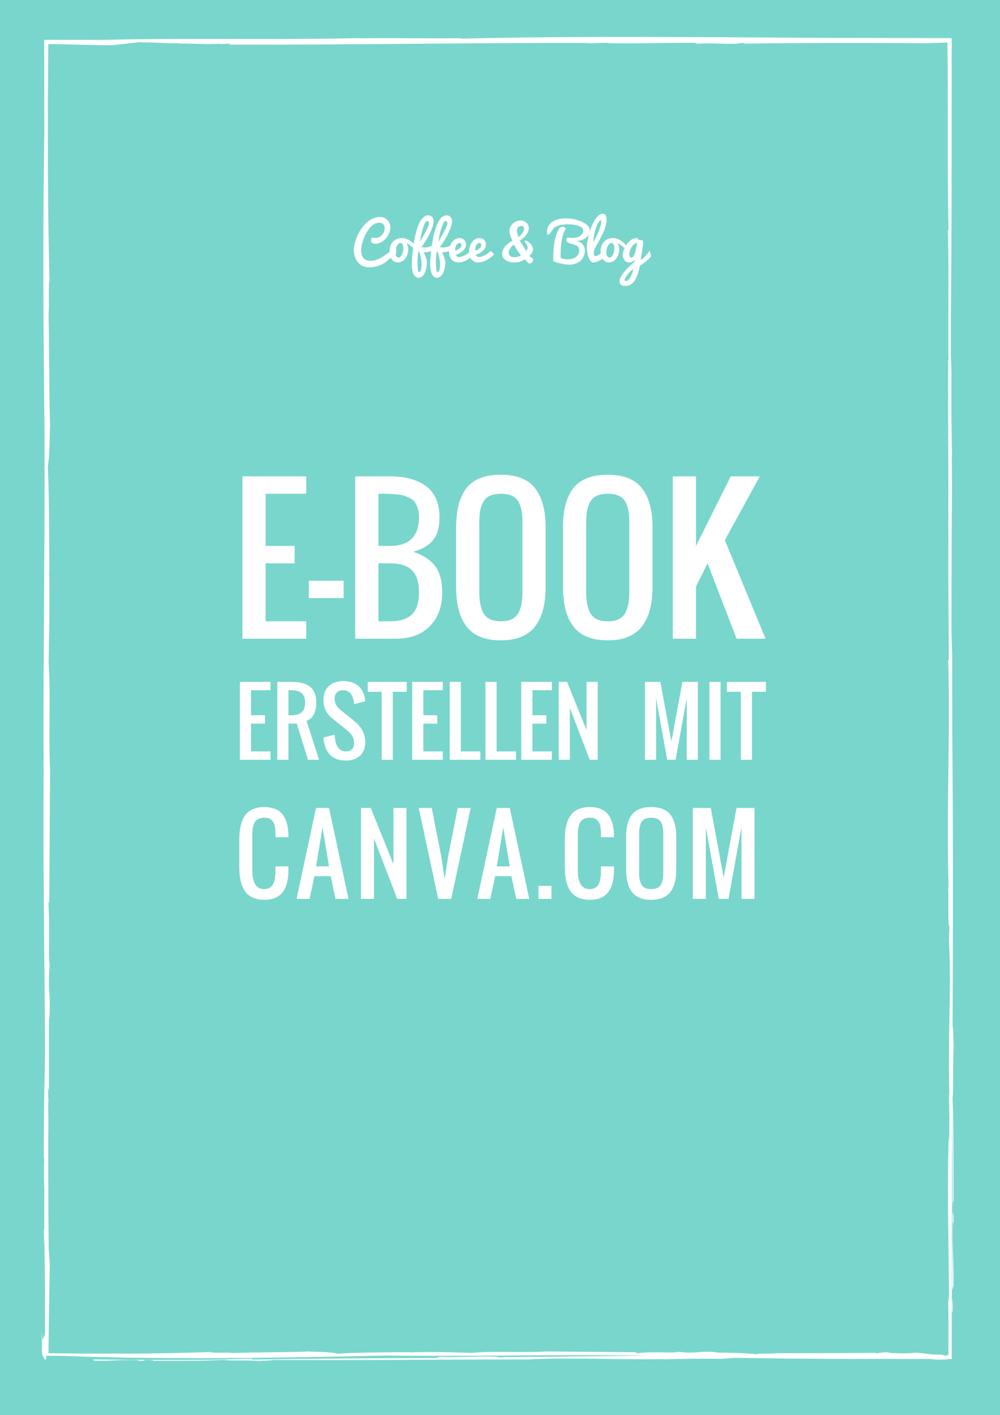 Charmant E Buch Vorlagen Bilder - Beispielzusammenfassung Ideen ...